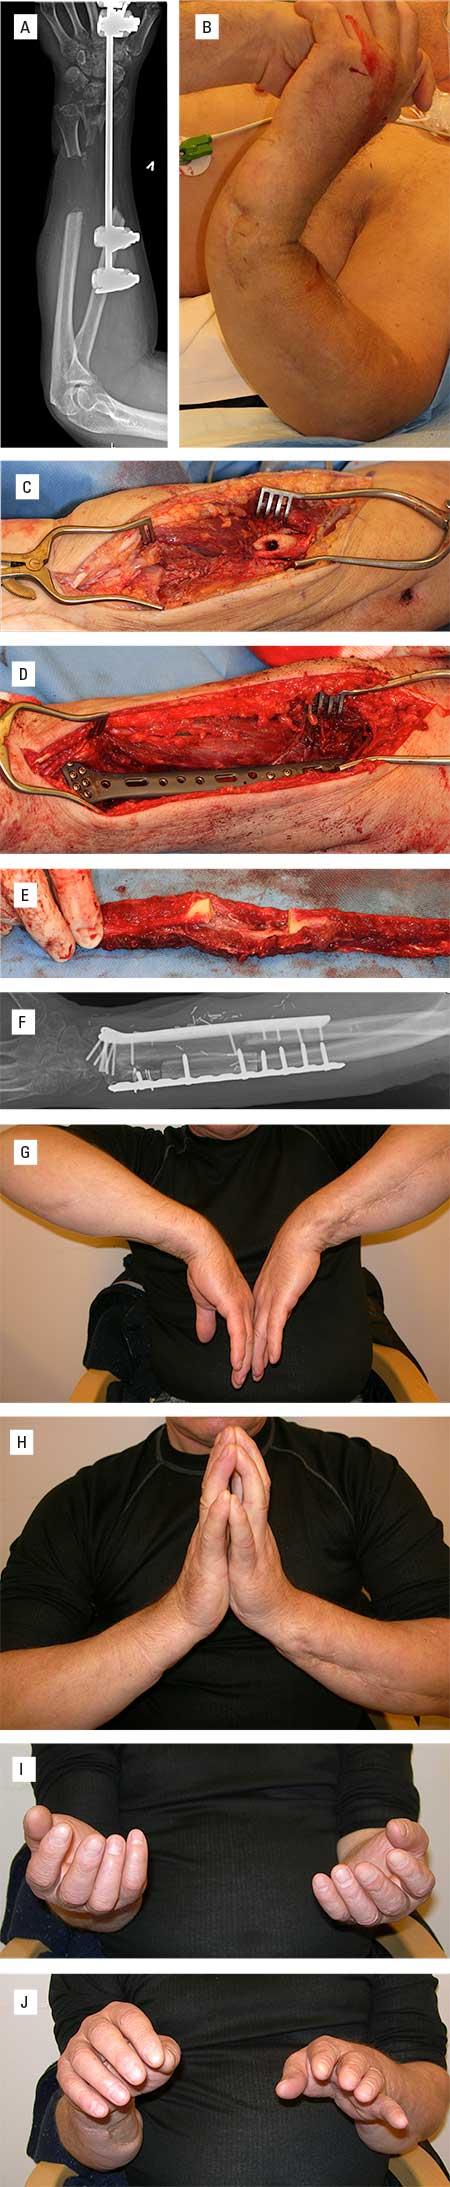 Figur 4. A. Lange diafysære defekter av både radius og ulna etter åpen knusningsfraktur. B. Komplett instabil underarm. C. Defektene i underarmsknoklene ble avdekket. D. Både radius og ulna ble stabilisert med plater i korrekt posisjon. E. Høsting av langt fibulagraft som ble delt i to svarende til defektenes lengder. Graftene ble felt inn og karene suturert inn. F. Postoperativ røntgen viser tilfredsstillende stilling. G-J. Meget tilfredsstillende fleksjon, ekstensjon og underarmsrotasjon på den opererte venstre side.